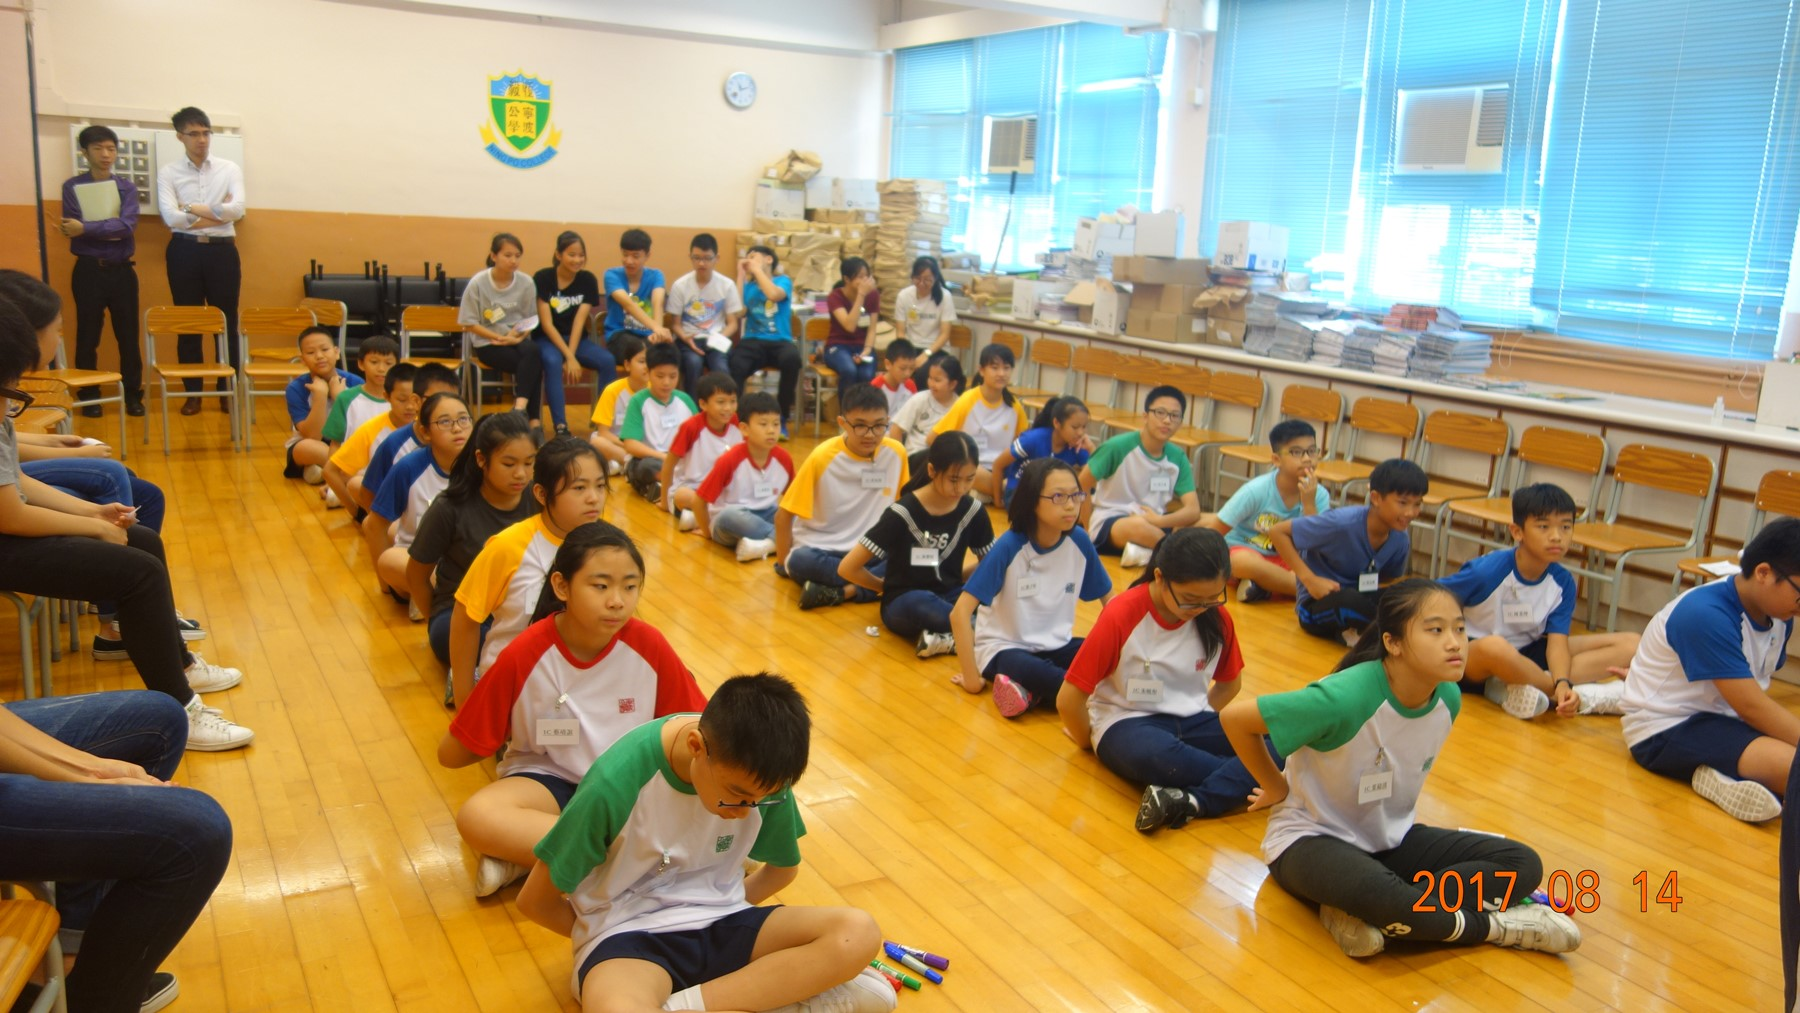 http://www.npc.edu.hk/sites/default/files/1c_hu_li_hu_mian_zhong_zhi_cheng_cheng_20170814_03.jpg